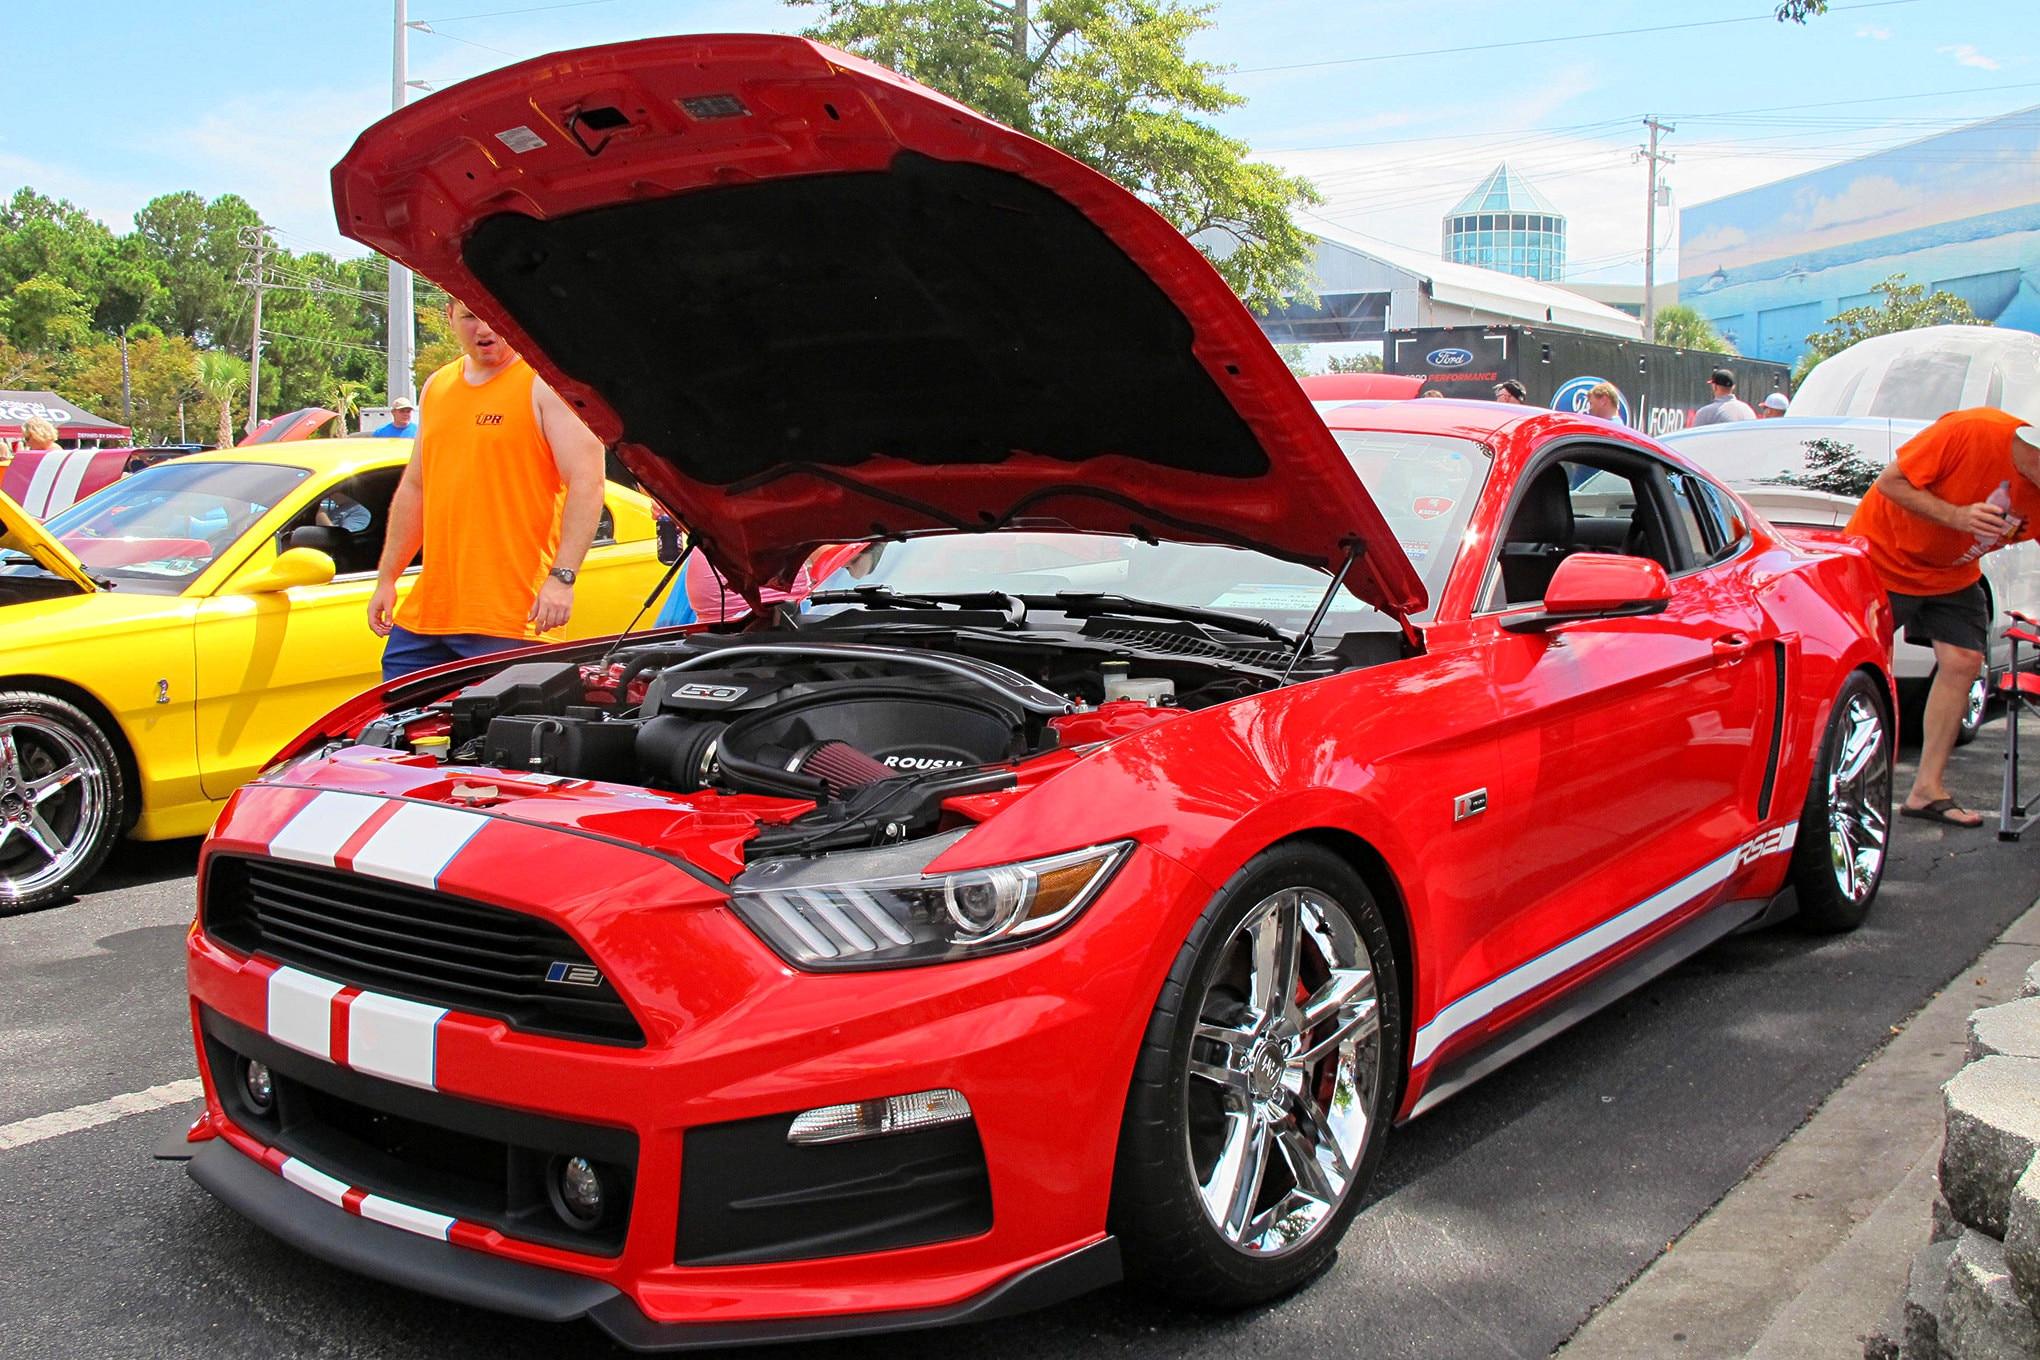 039 2018 Mustang Week S550 Mustangs